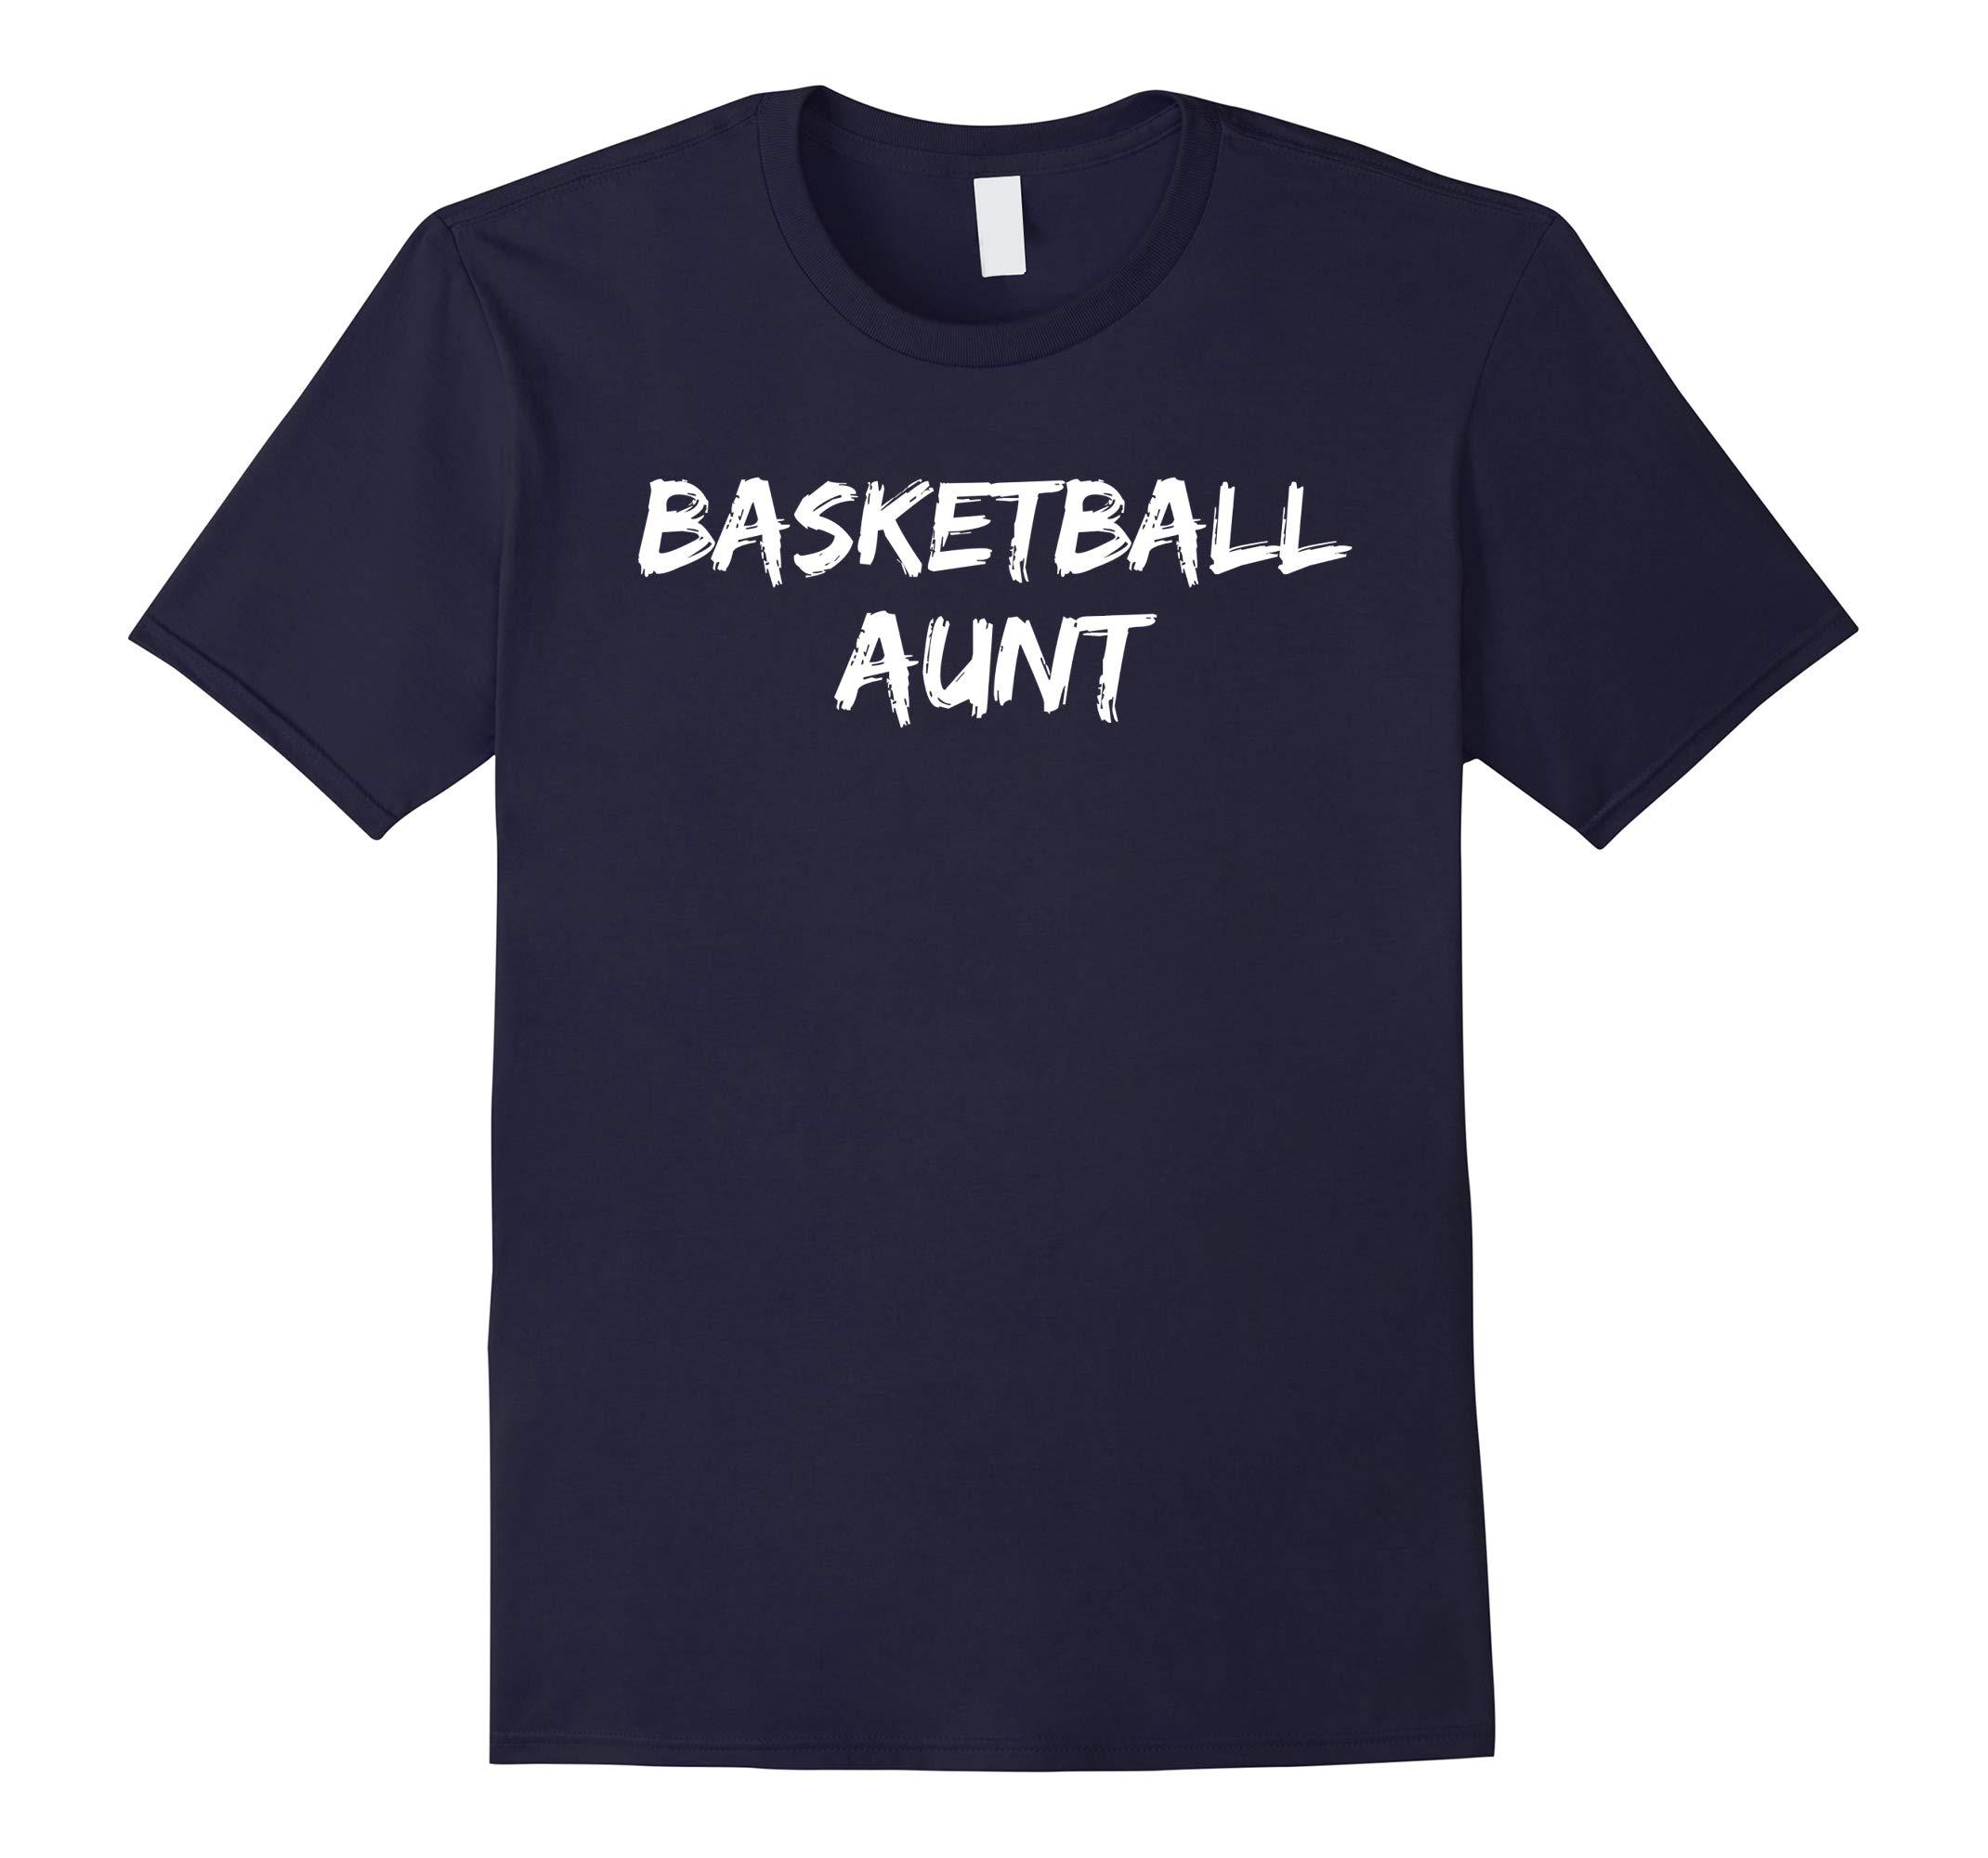 Basketball Aunt Shirt Fun Cute Baller Auntie Shirt Hoops Tee-RT